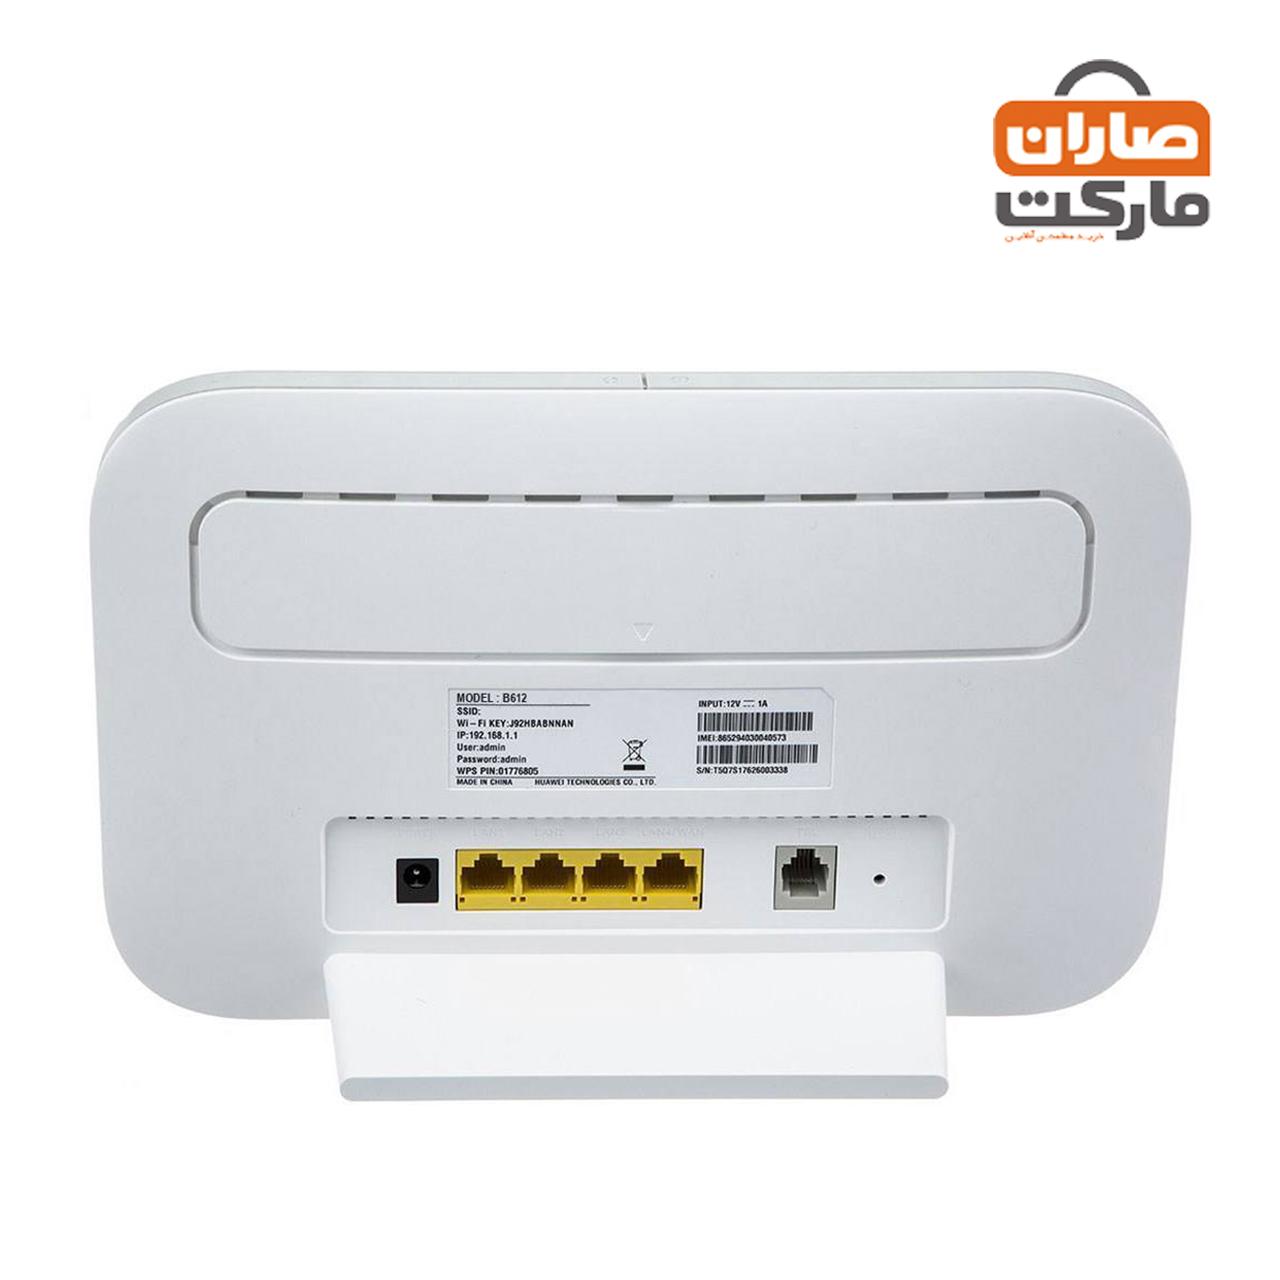 مودم 4G/TD-LTE وینکس مدل TF-i60 H1